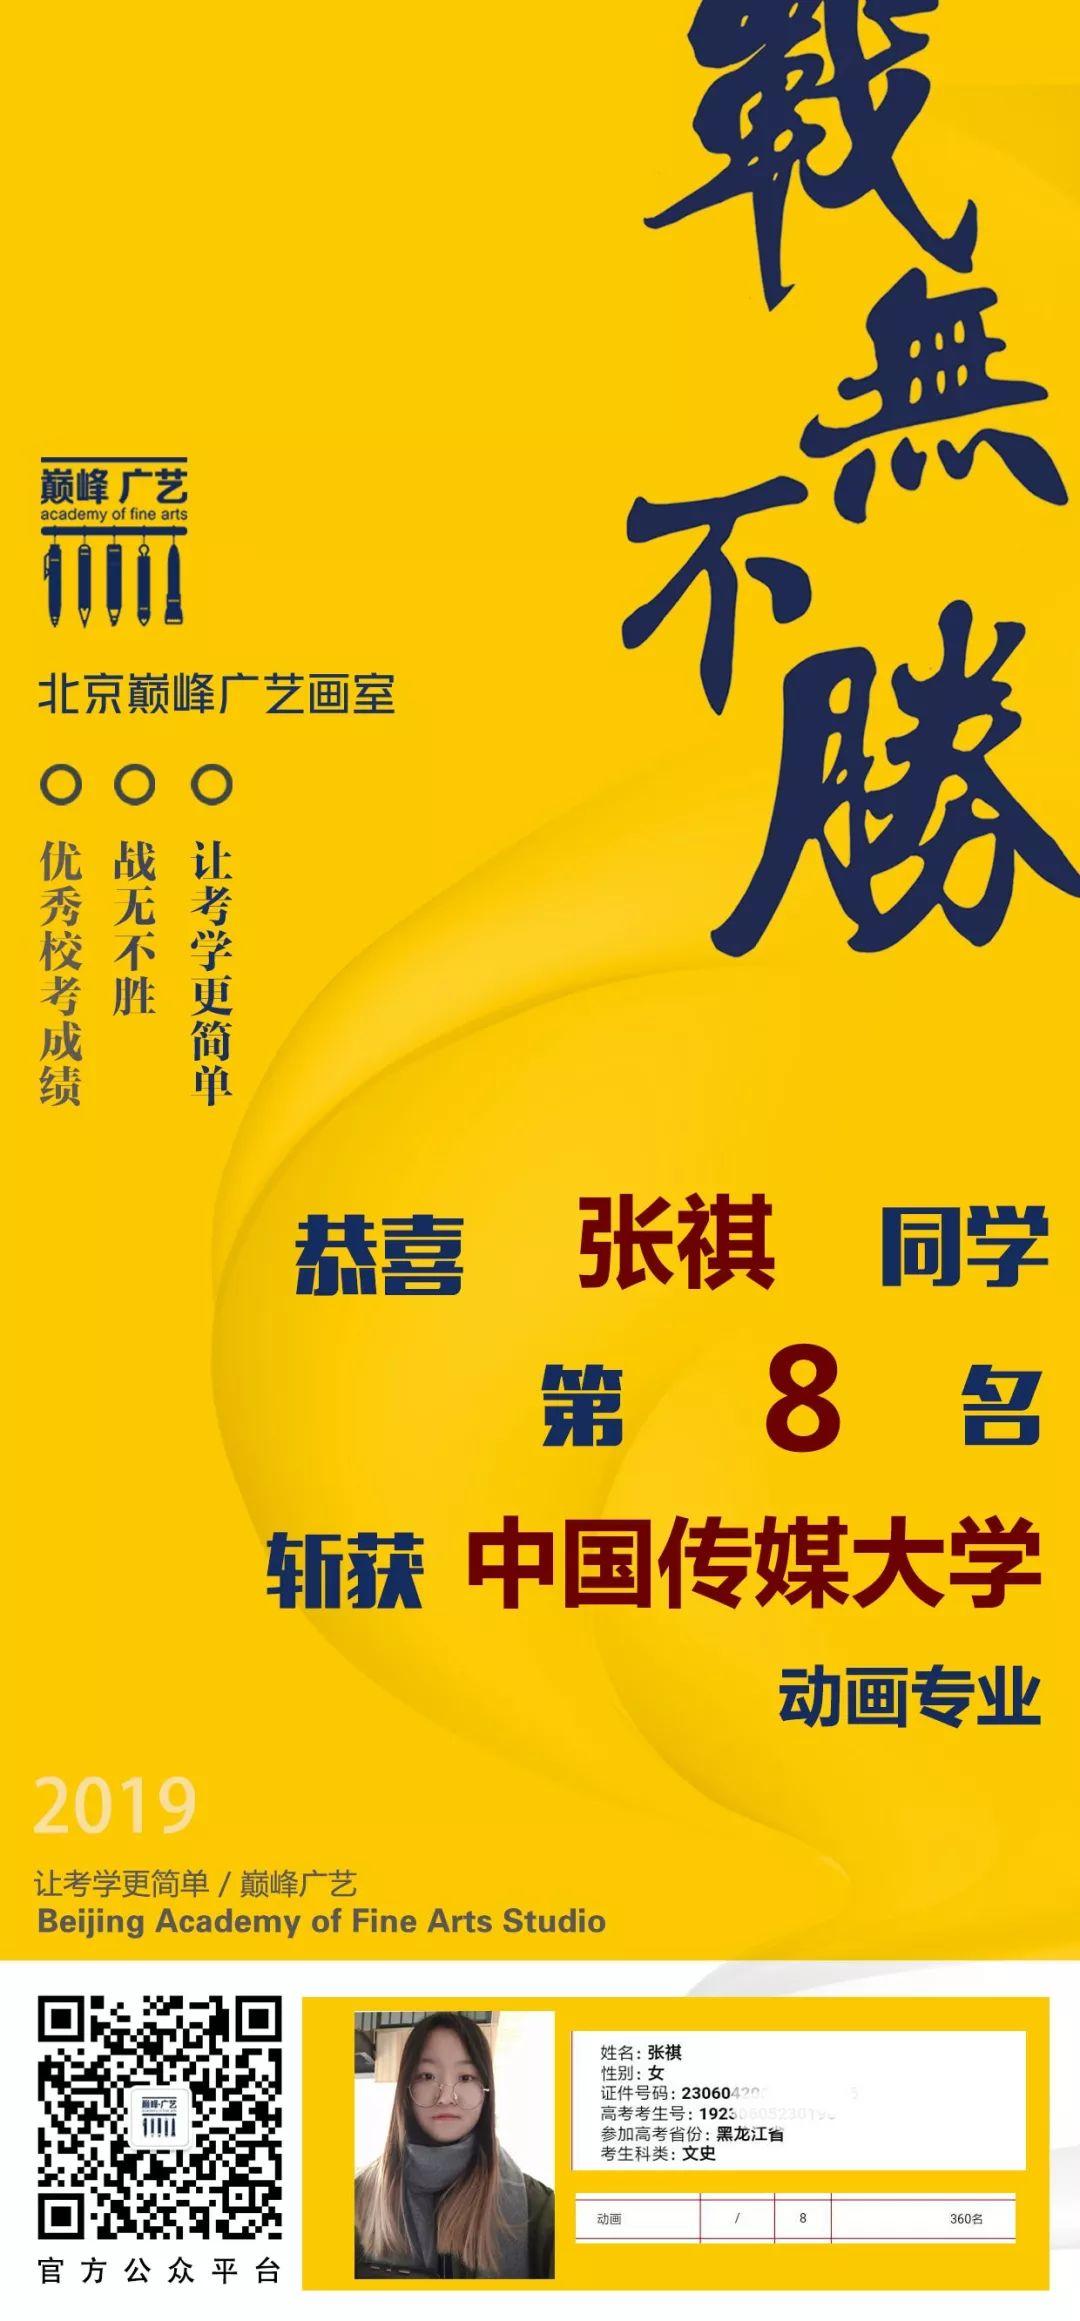 中国传媒大学,北京电影学院,中央戏剧学院,北京巅峰广艺画室       14